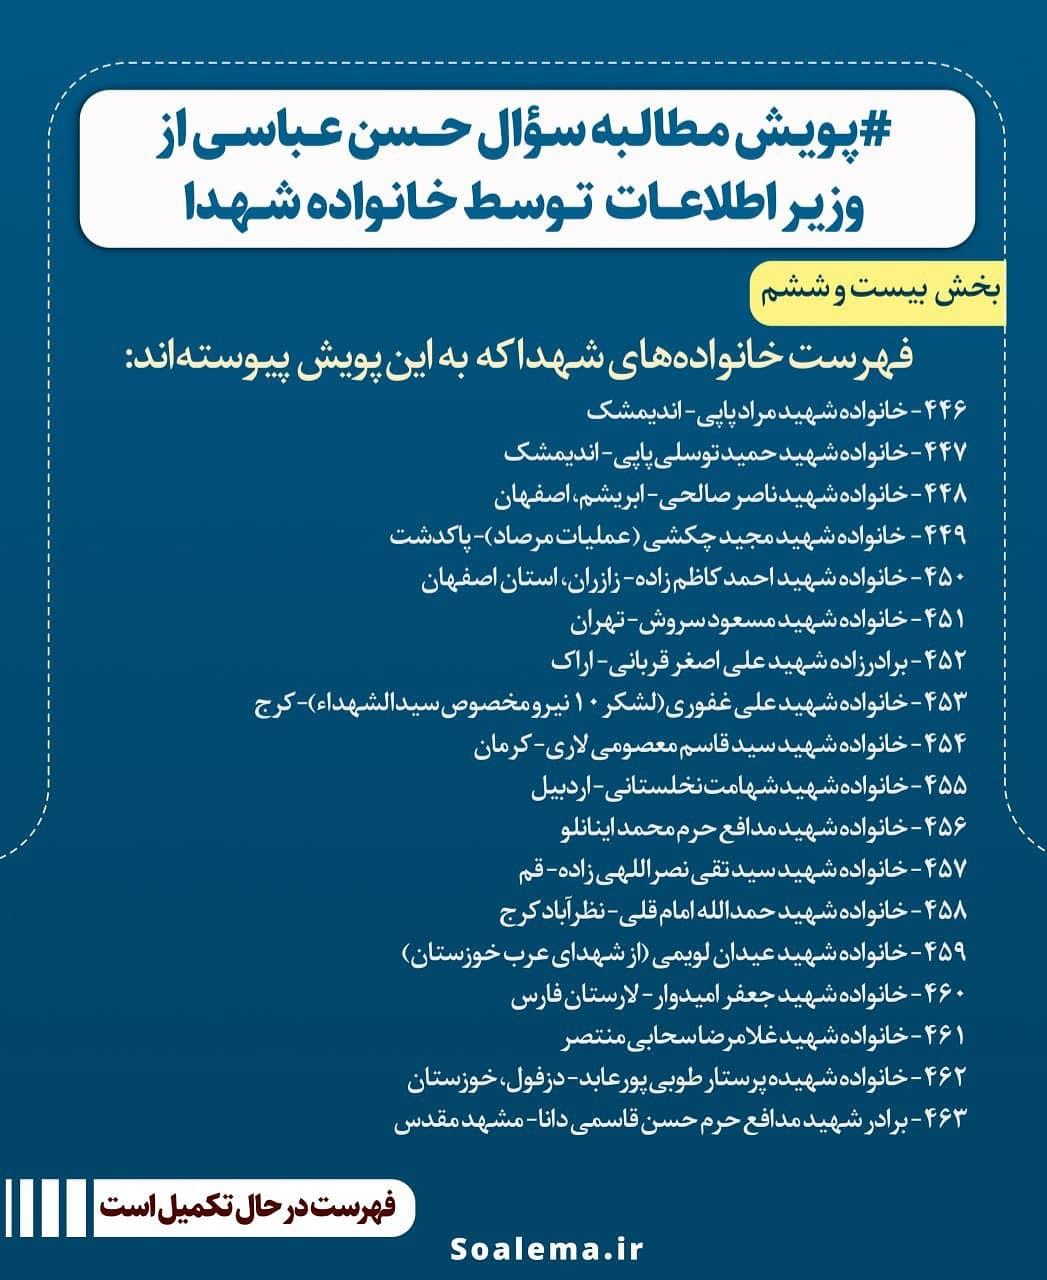 http://dl-abbasi.ir/yekta/1398/Graphic/Shohada/26.jpg